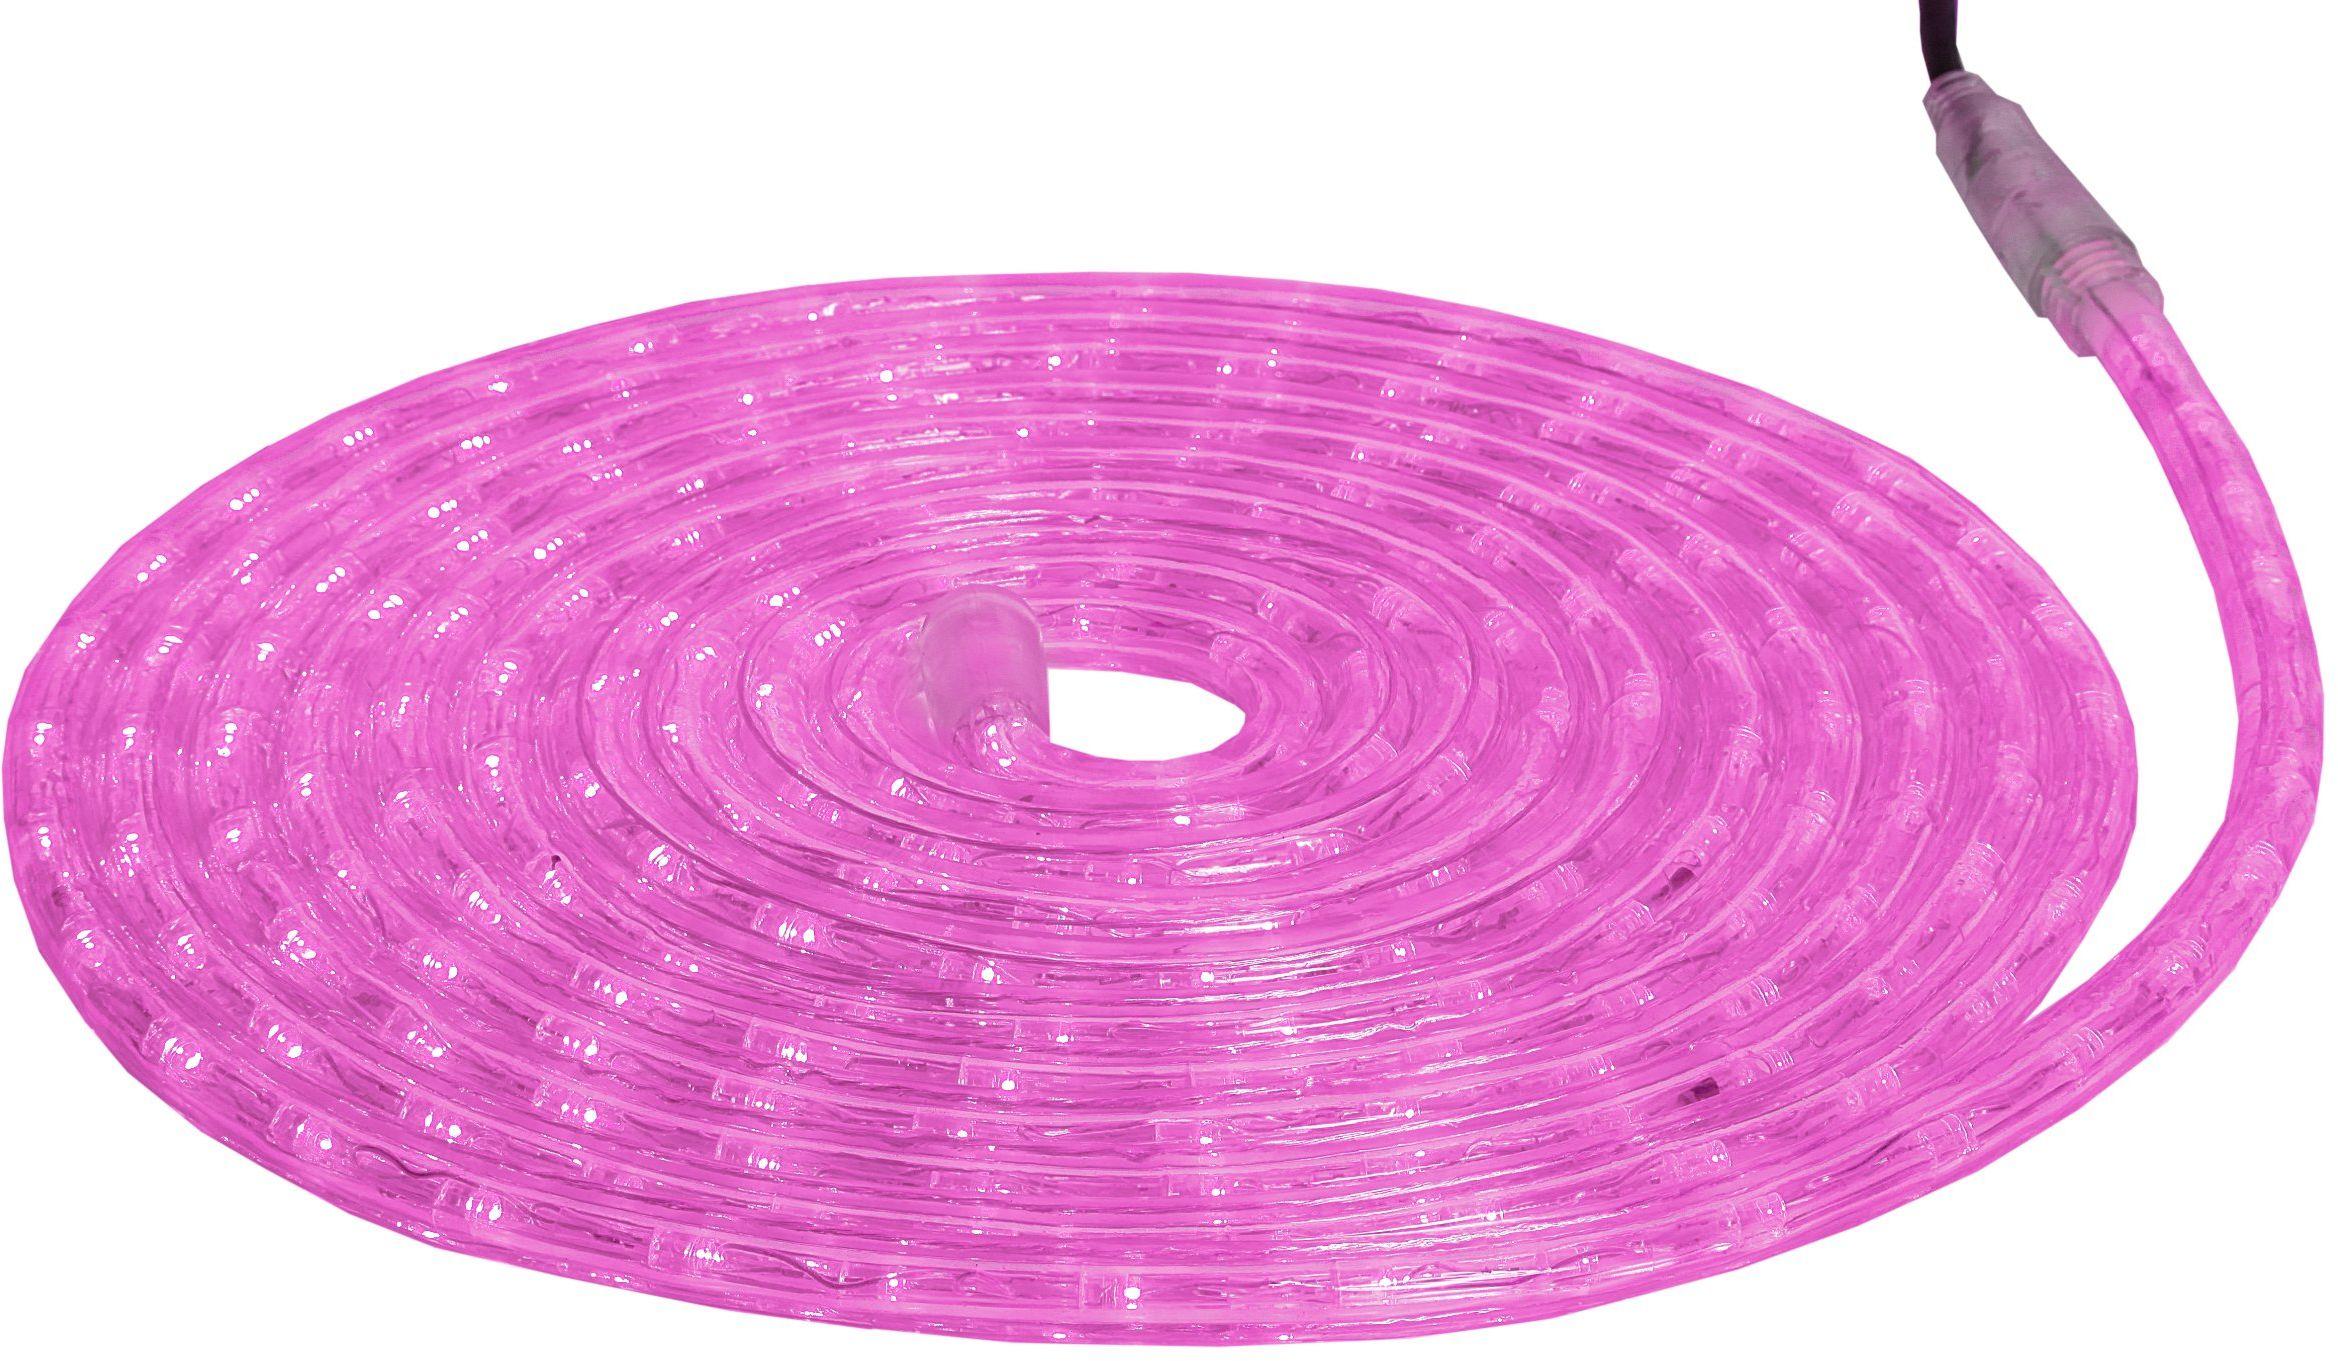 """Best Season LED-Ropelight """"Superflex"""", długość 6 m, różowa, 36 diod LED/m, bardzo giętka, na zewnątrz, czterokolorowy karton 562-04"""